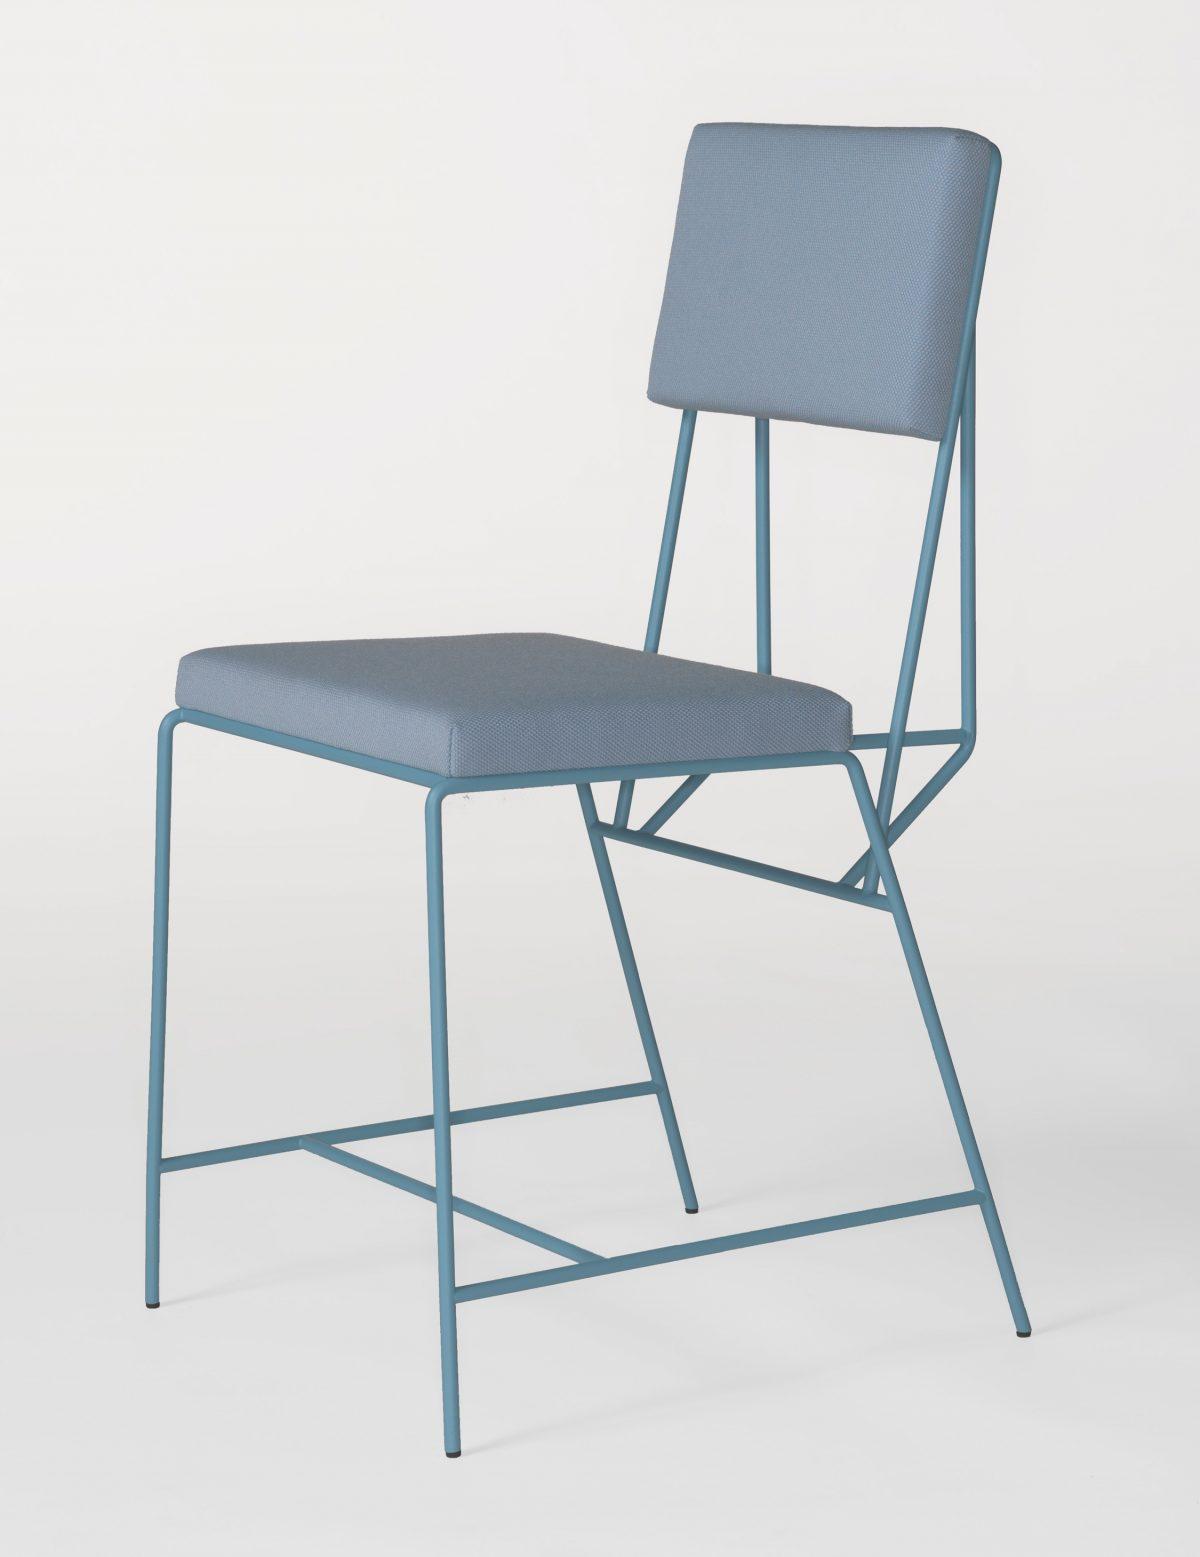 Hensen stoel blauw Kranen/Gille New Duivendrecht